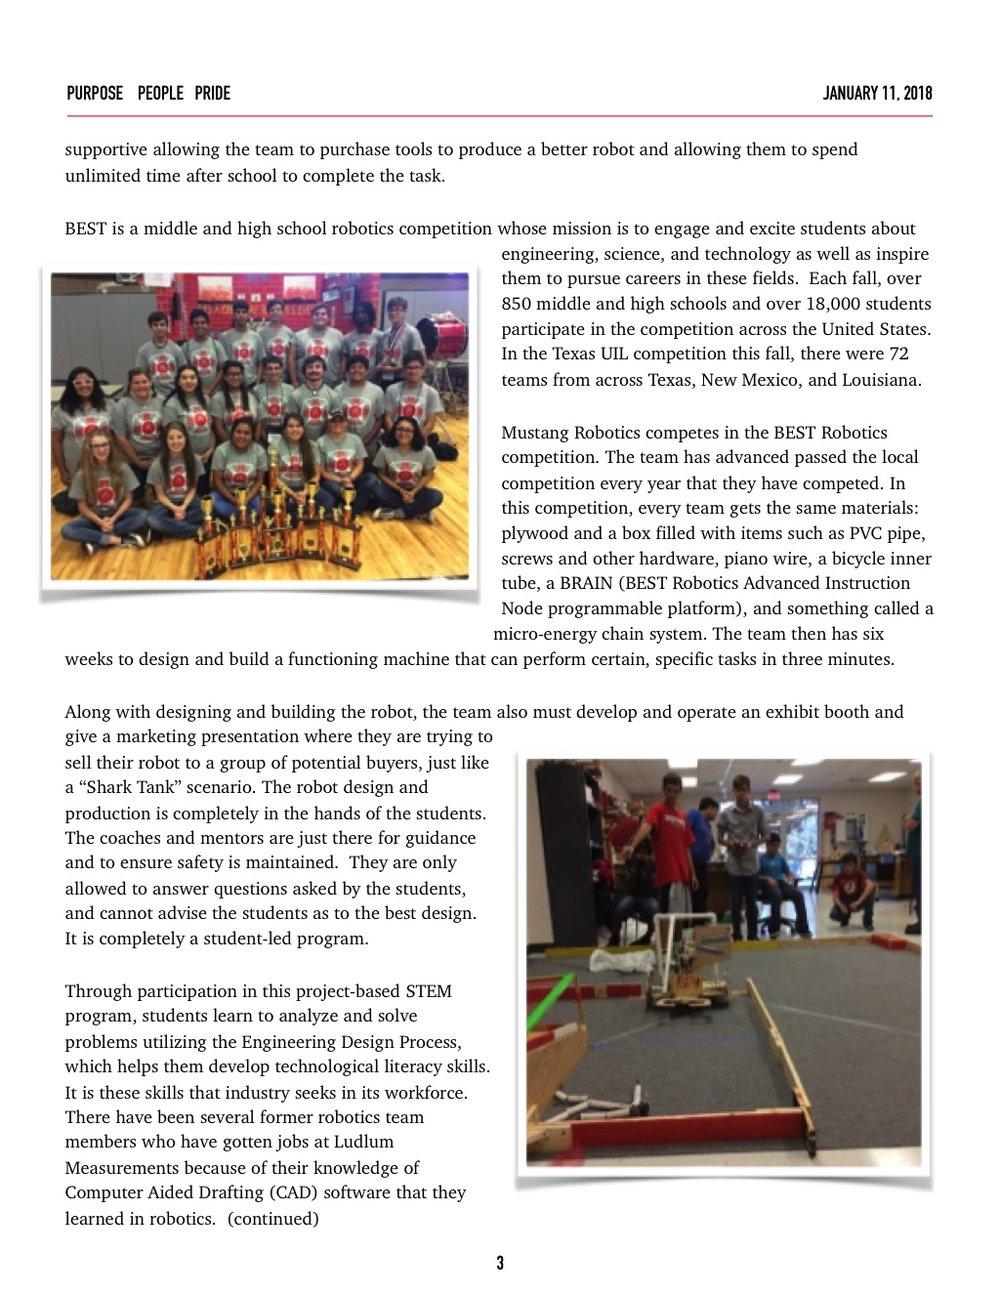 SISD Newsletter January 2018 copy-3.jpg